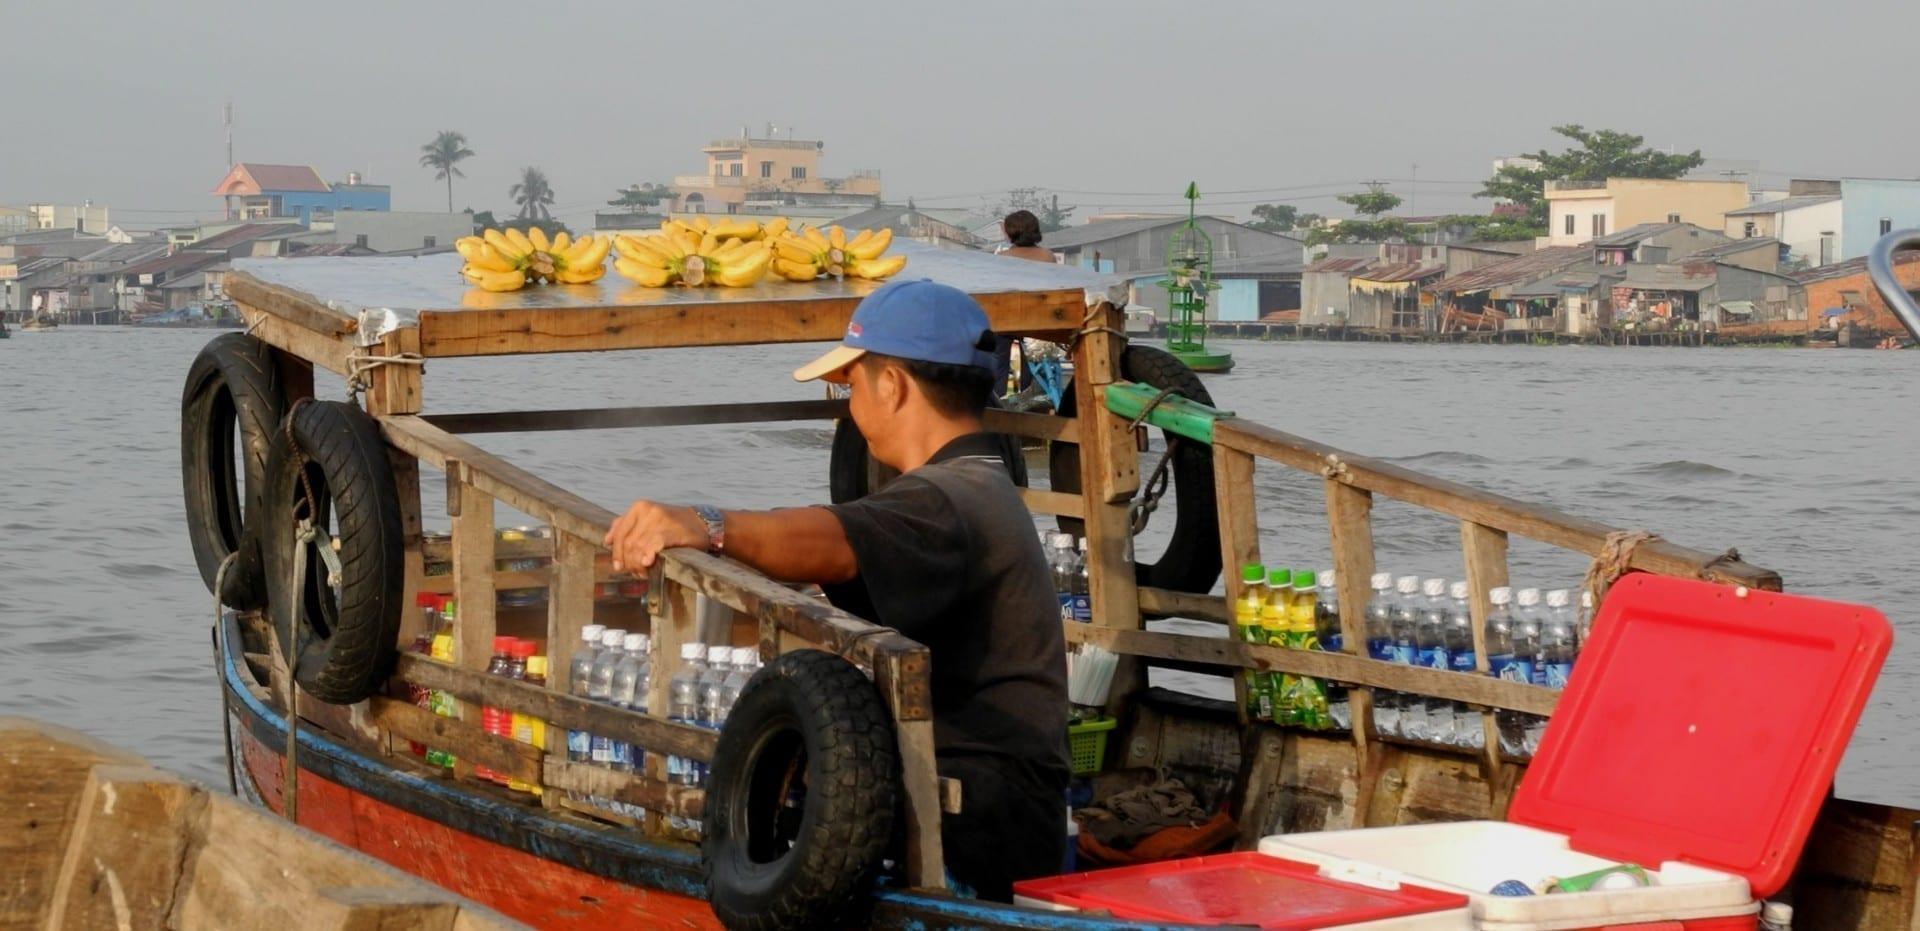 Vendedor de frutas y verduras en el Mercado Flotante Can Tho Vietnam